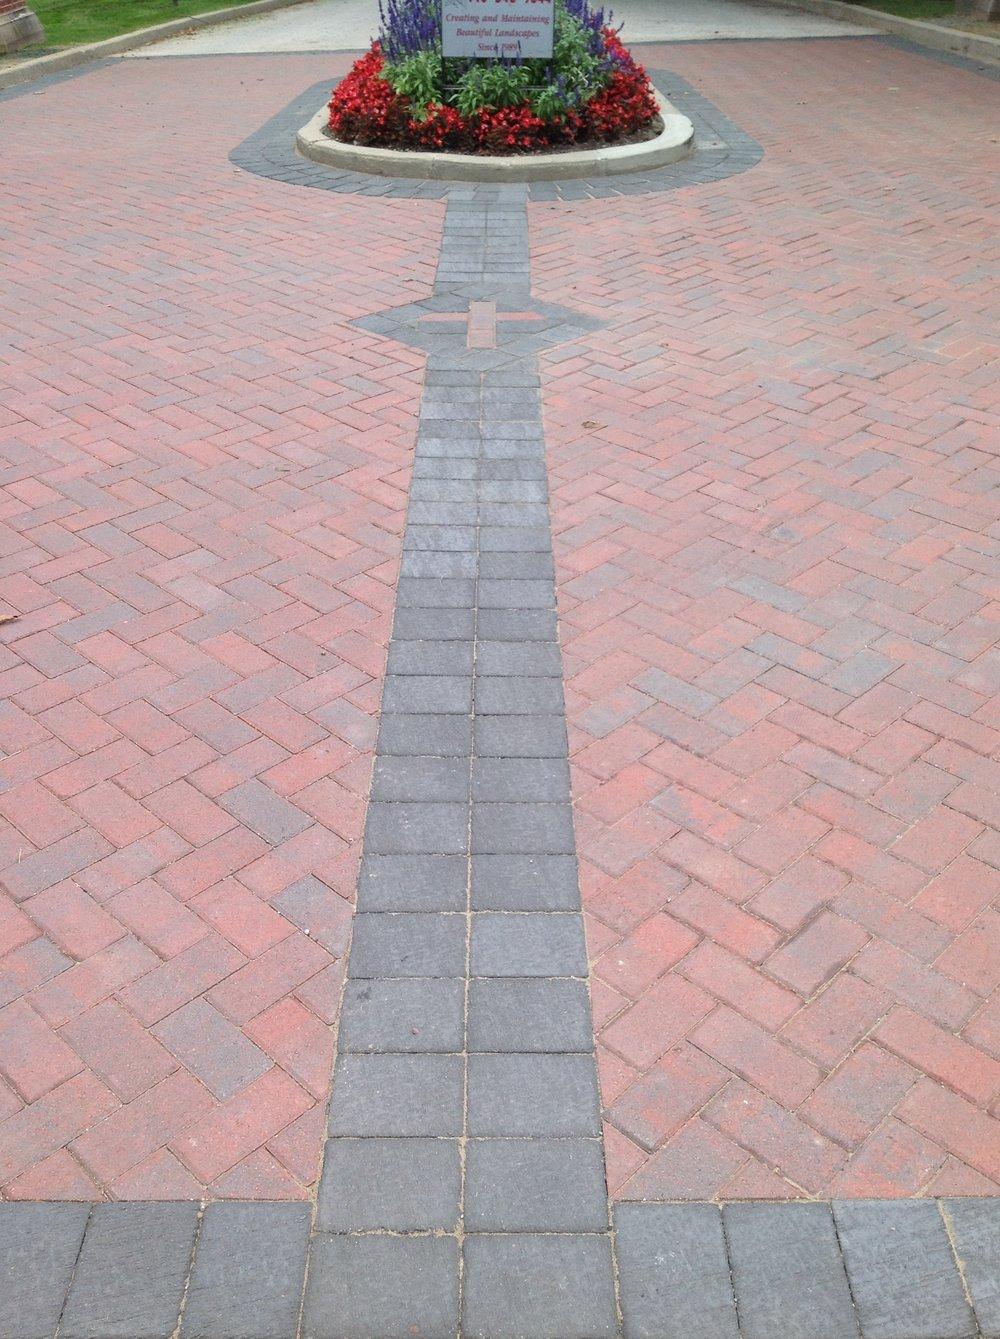 Patio pavers and drvieway landscape design in Bainbridge Township OH